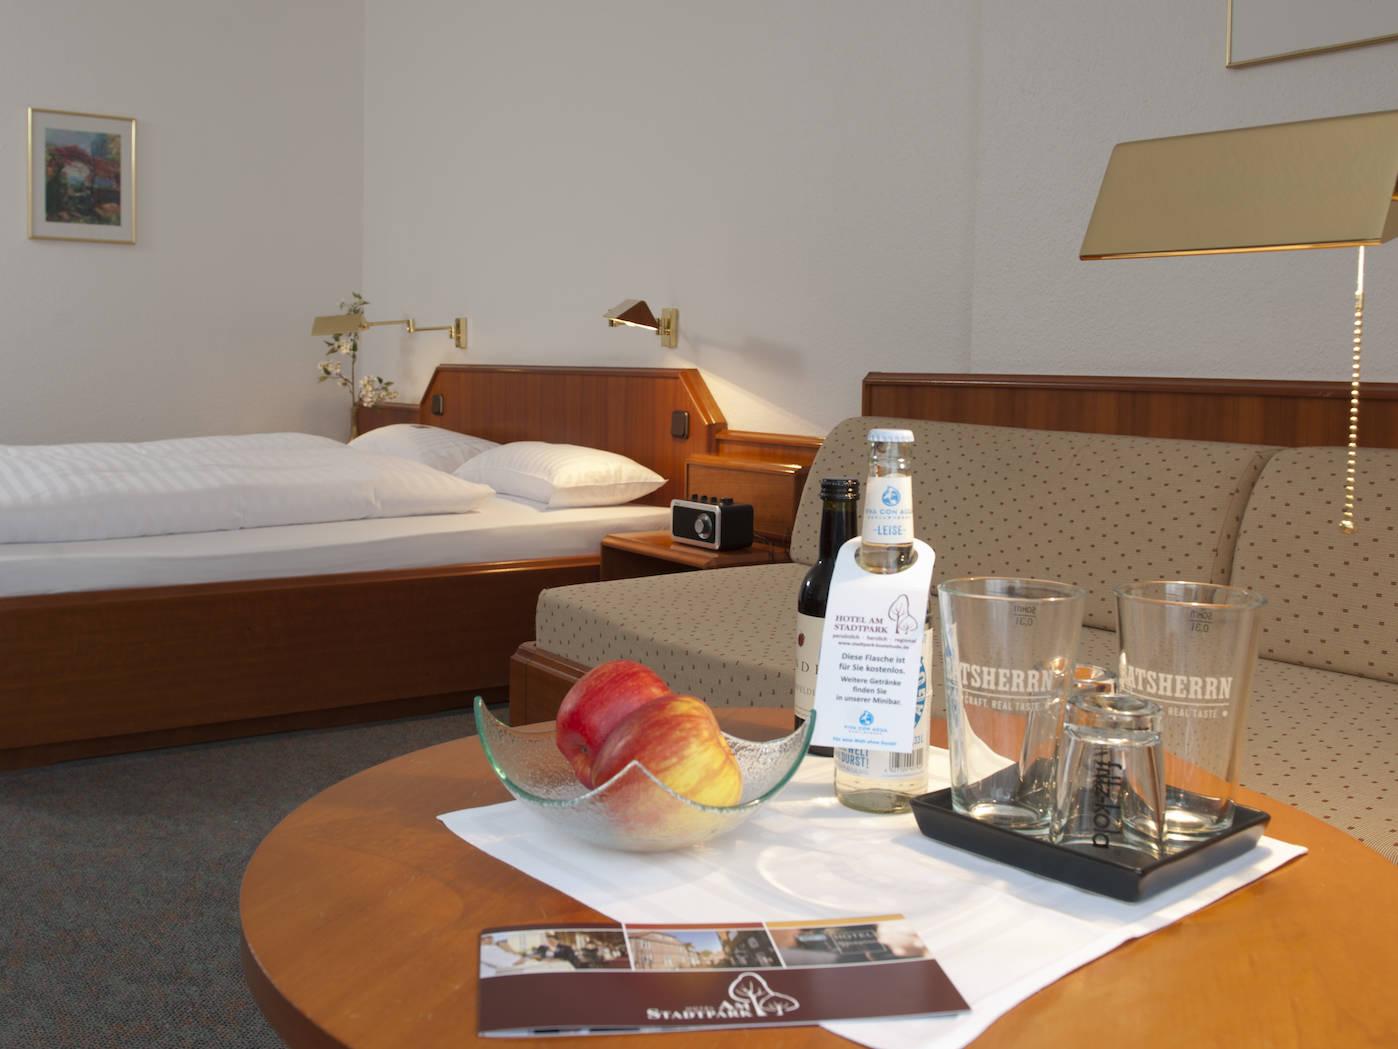 Zimmer Hotel am Stadtpark Buxtehude 1 uai